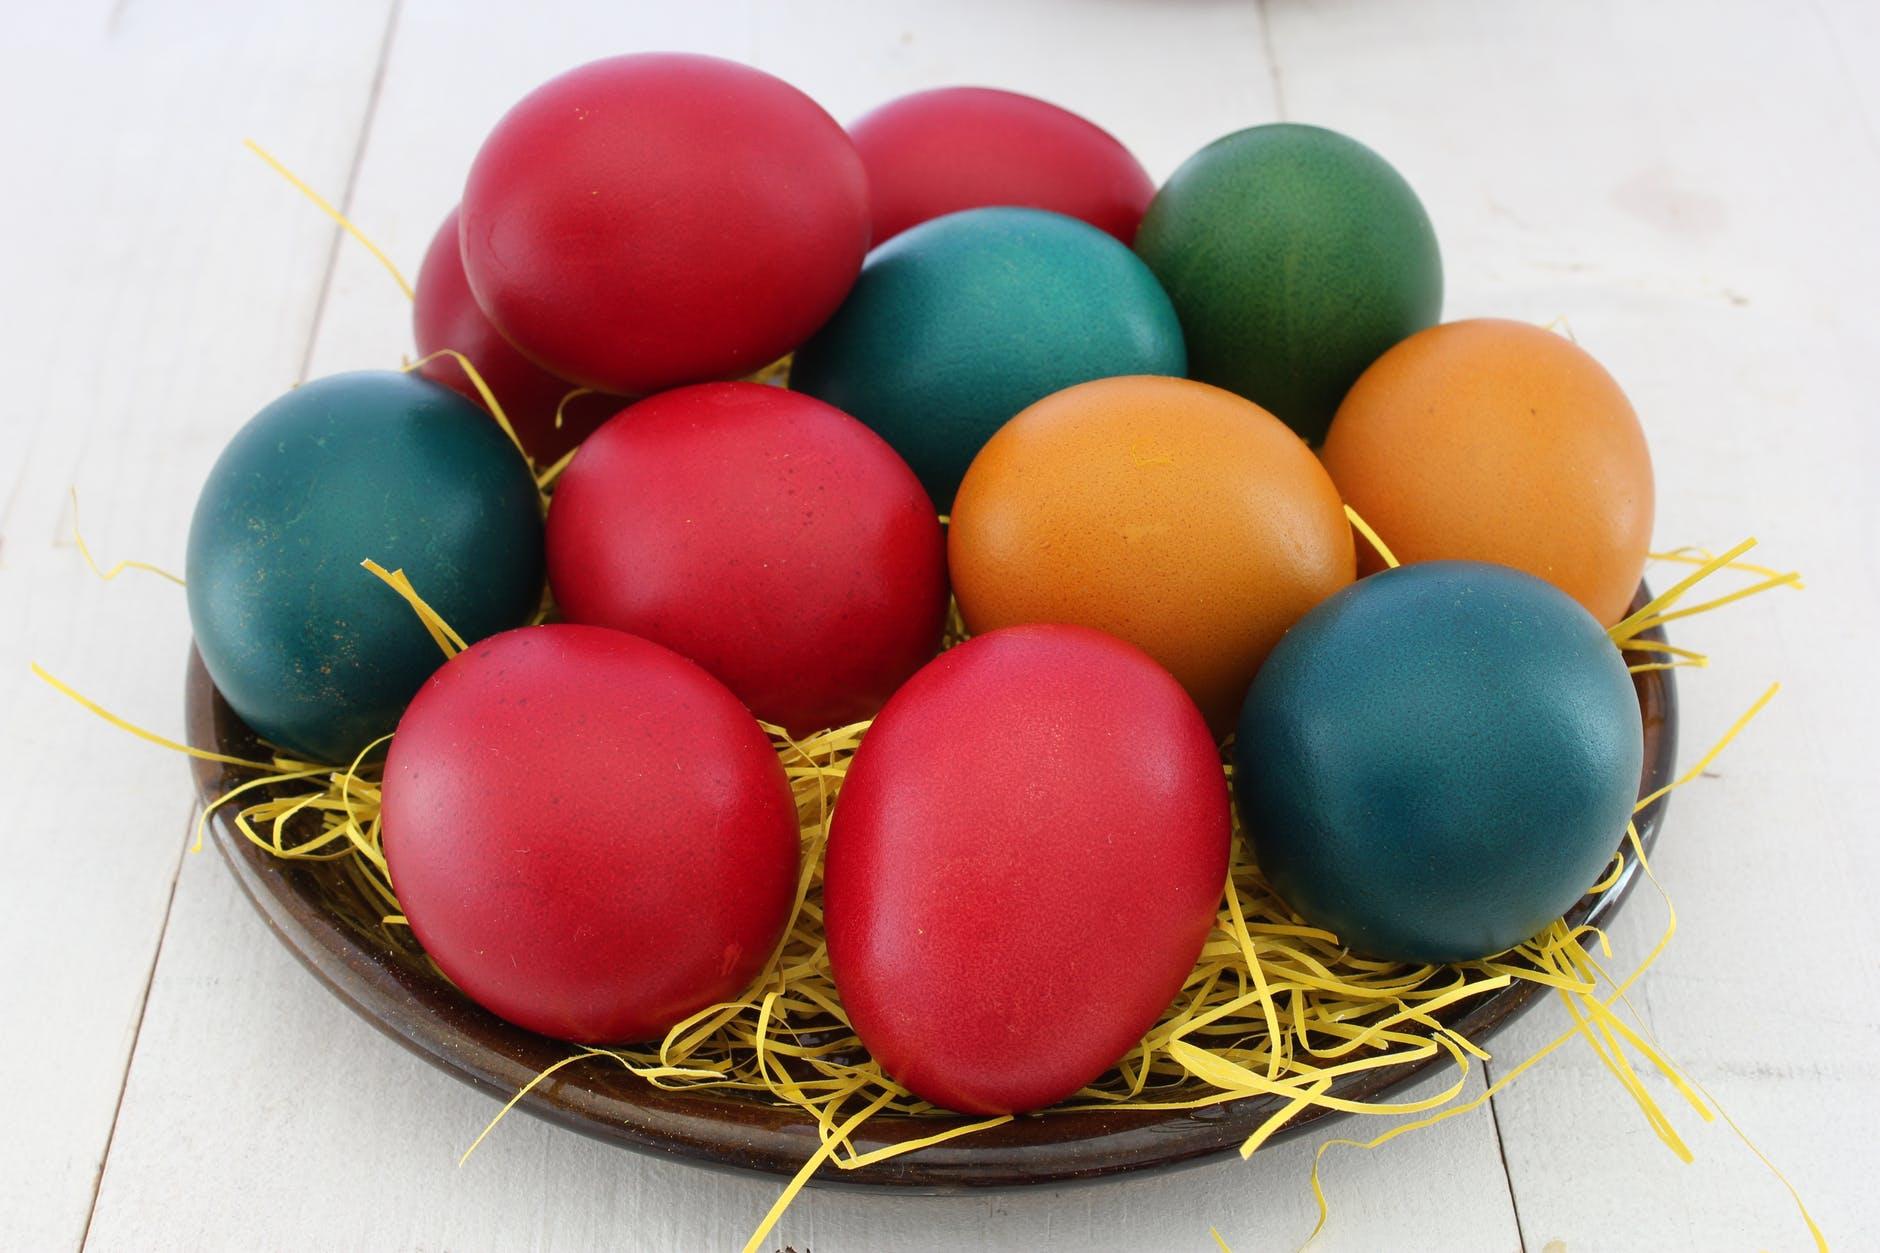 Arti warna merah telur Paskah adalah sebagai simbol darah Kristus